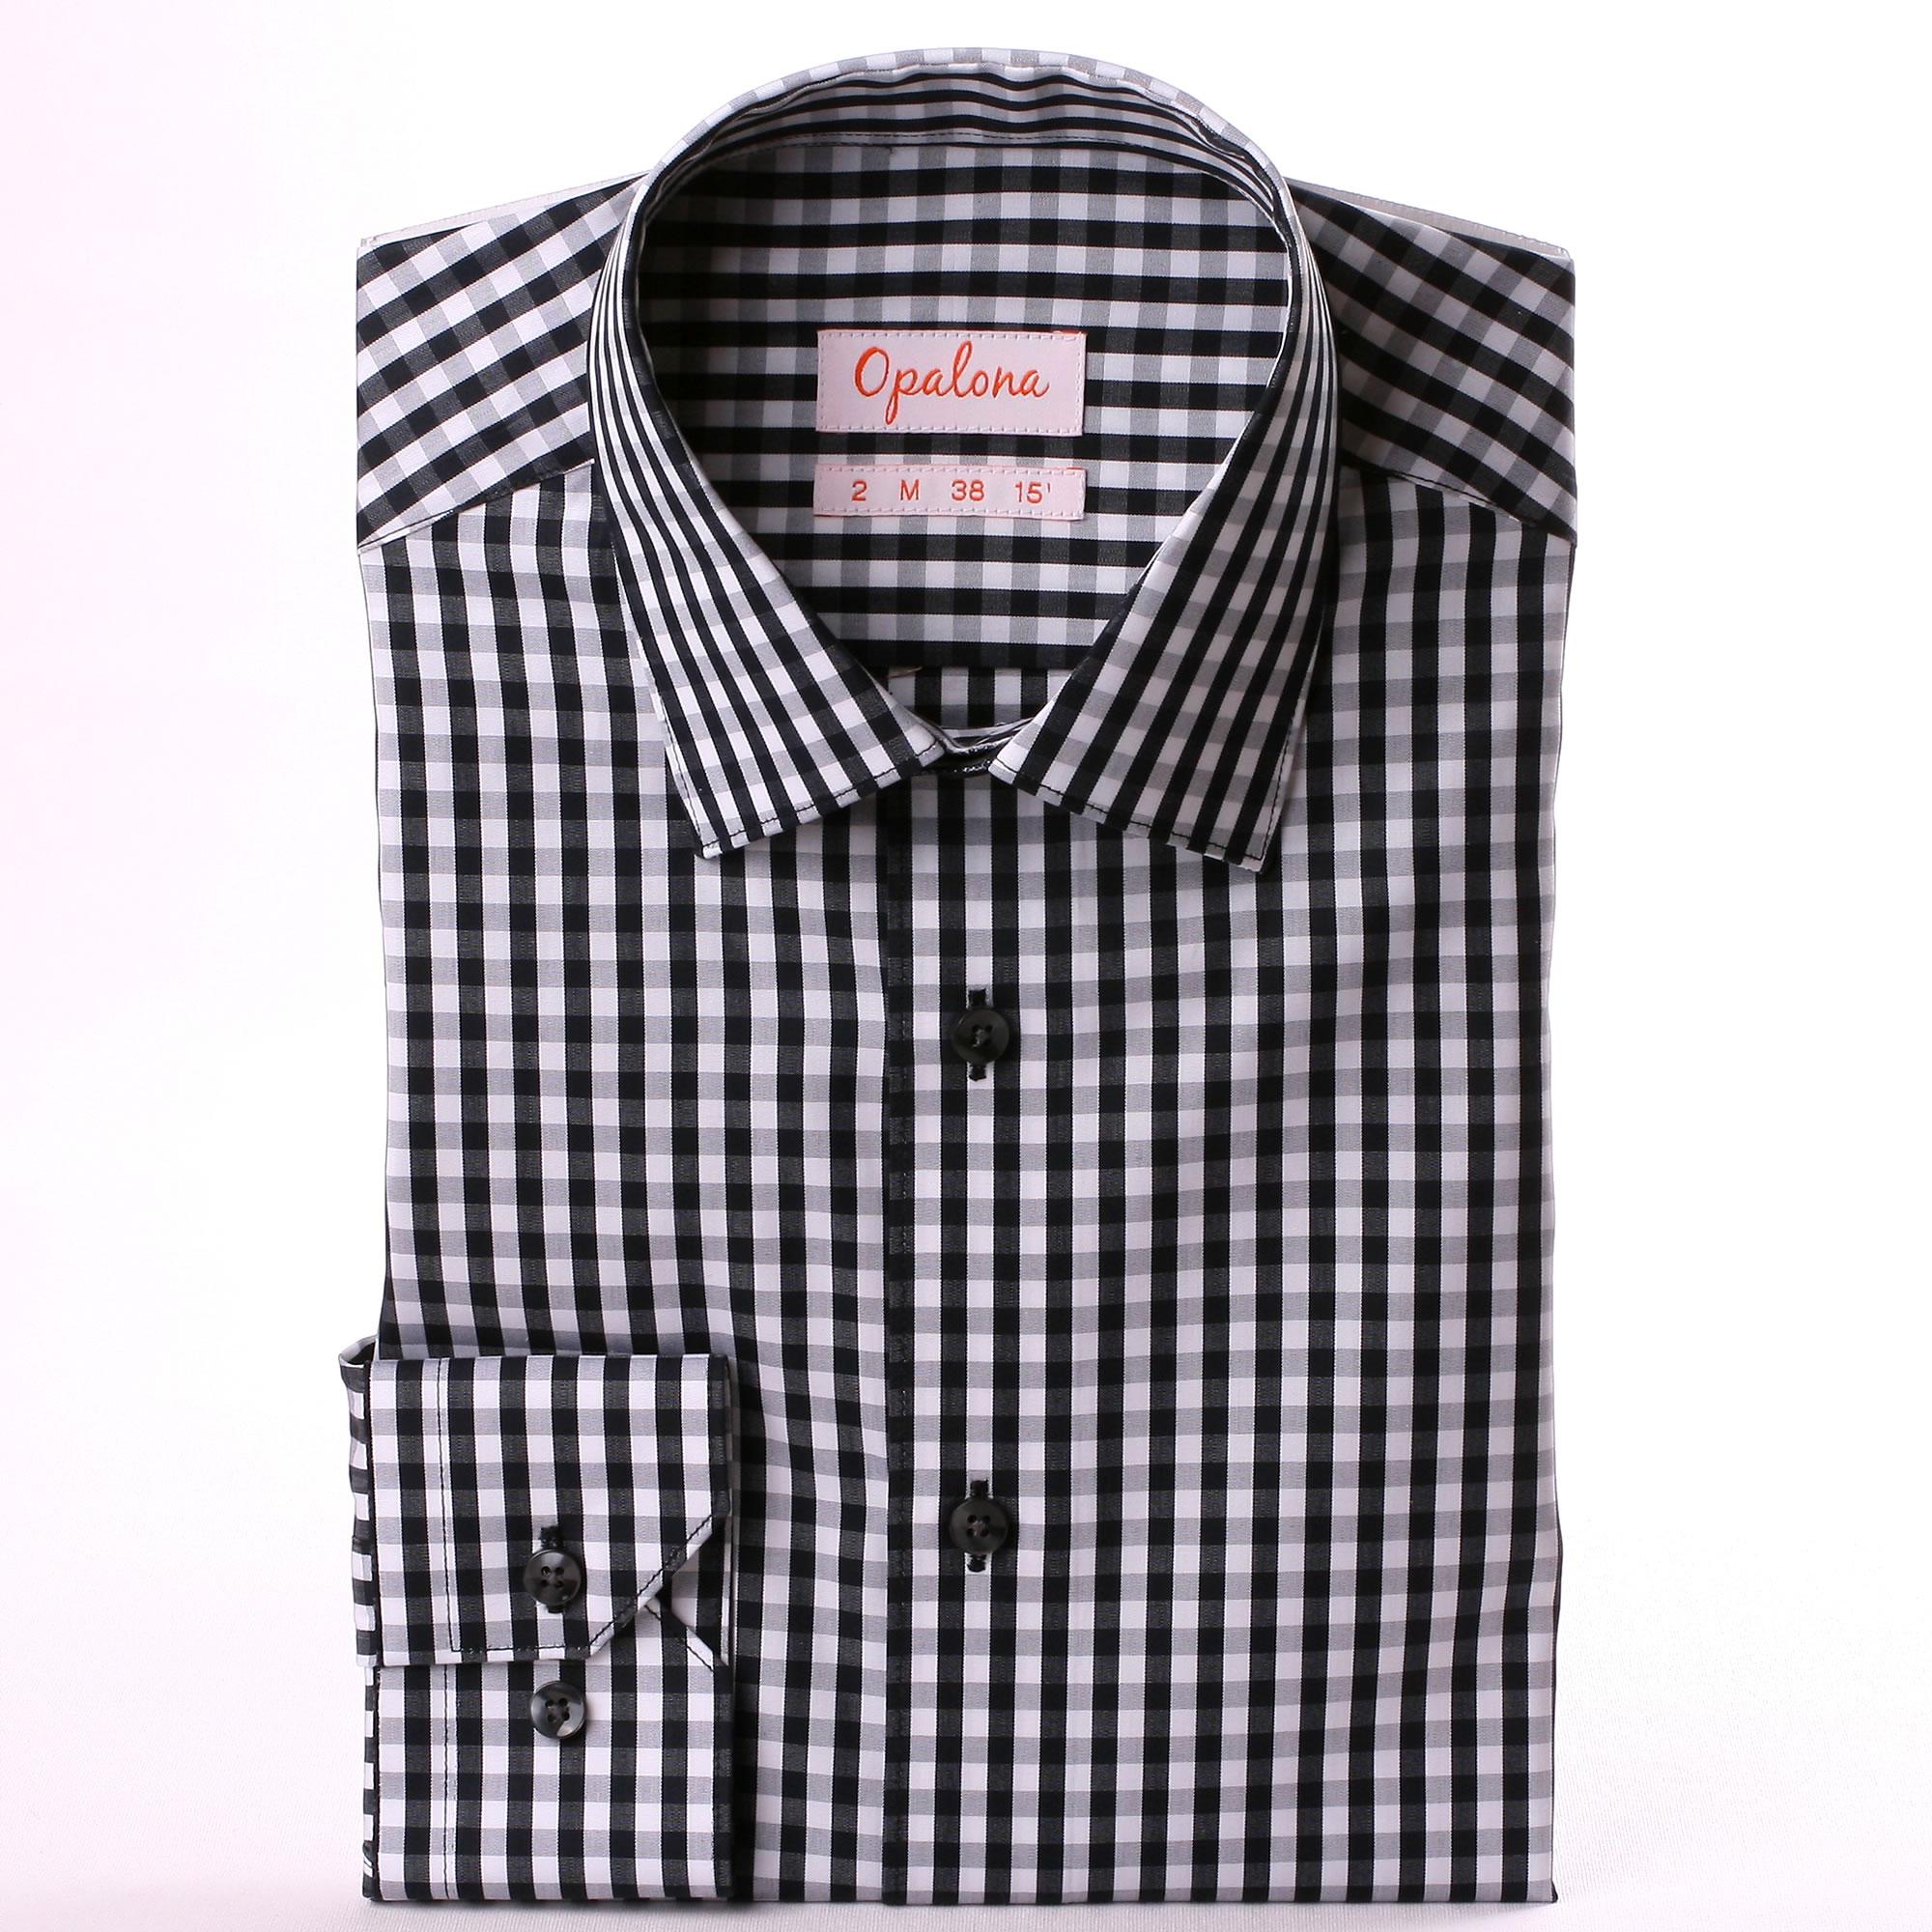 black and white checkered shirt